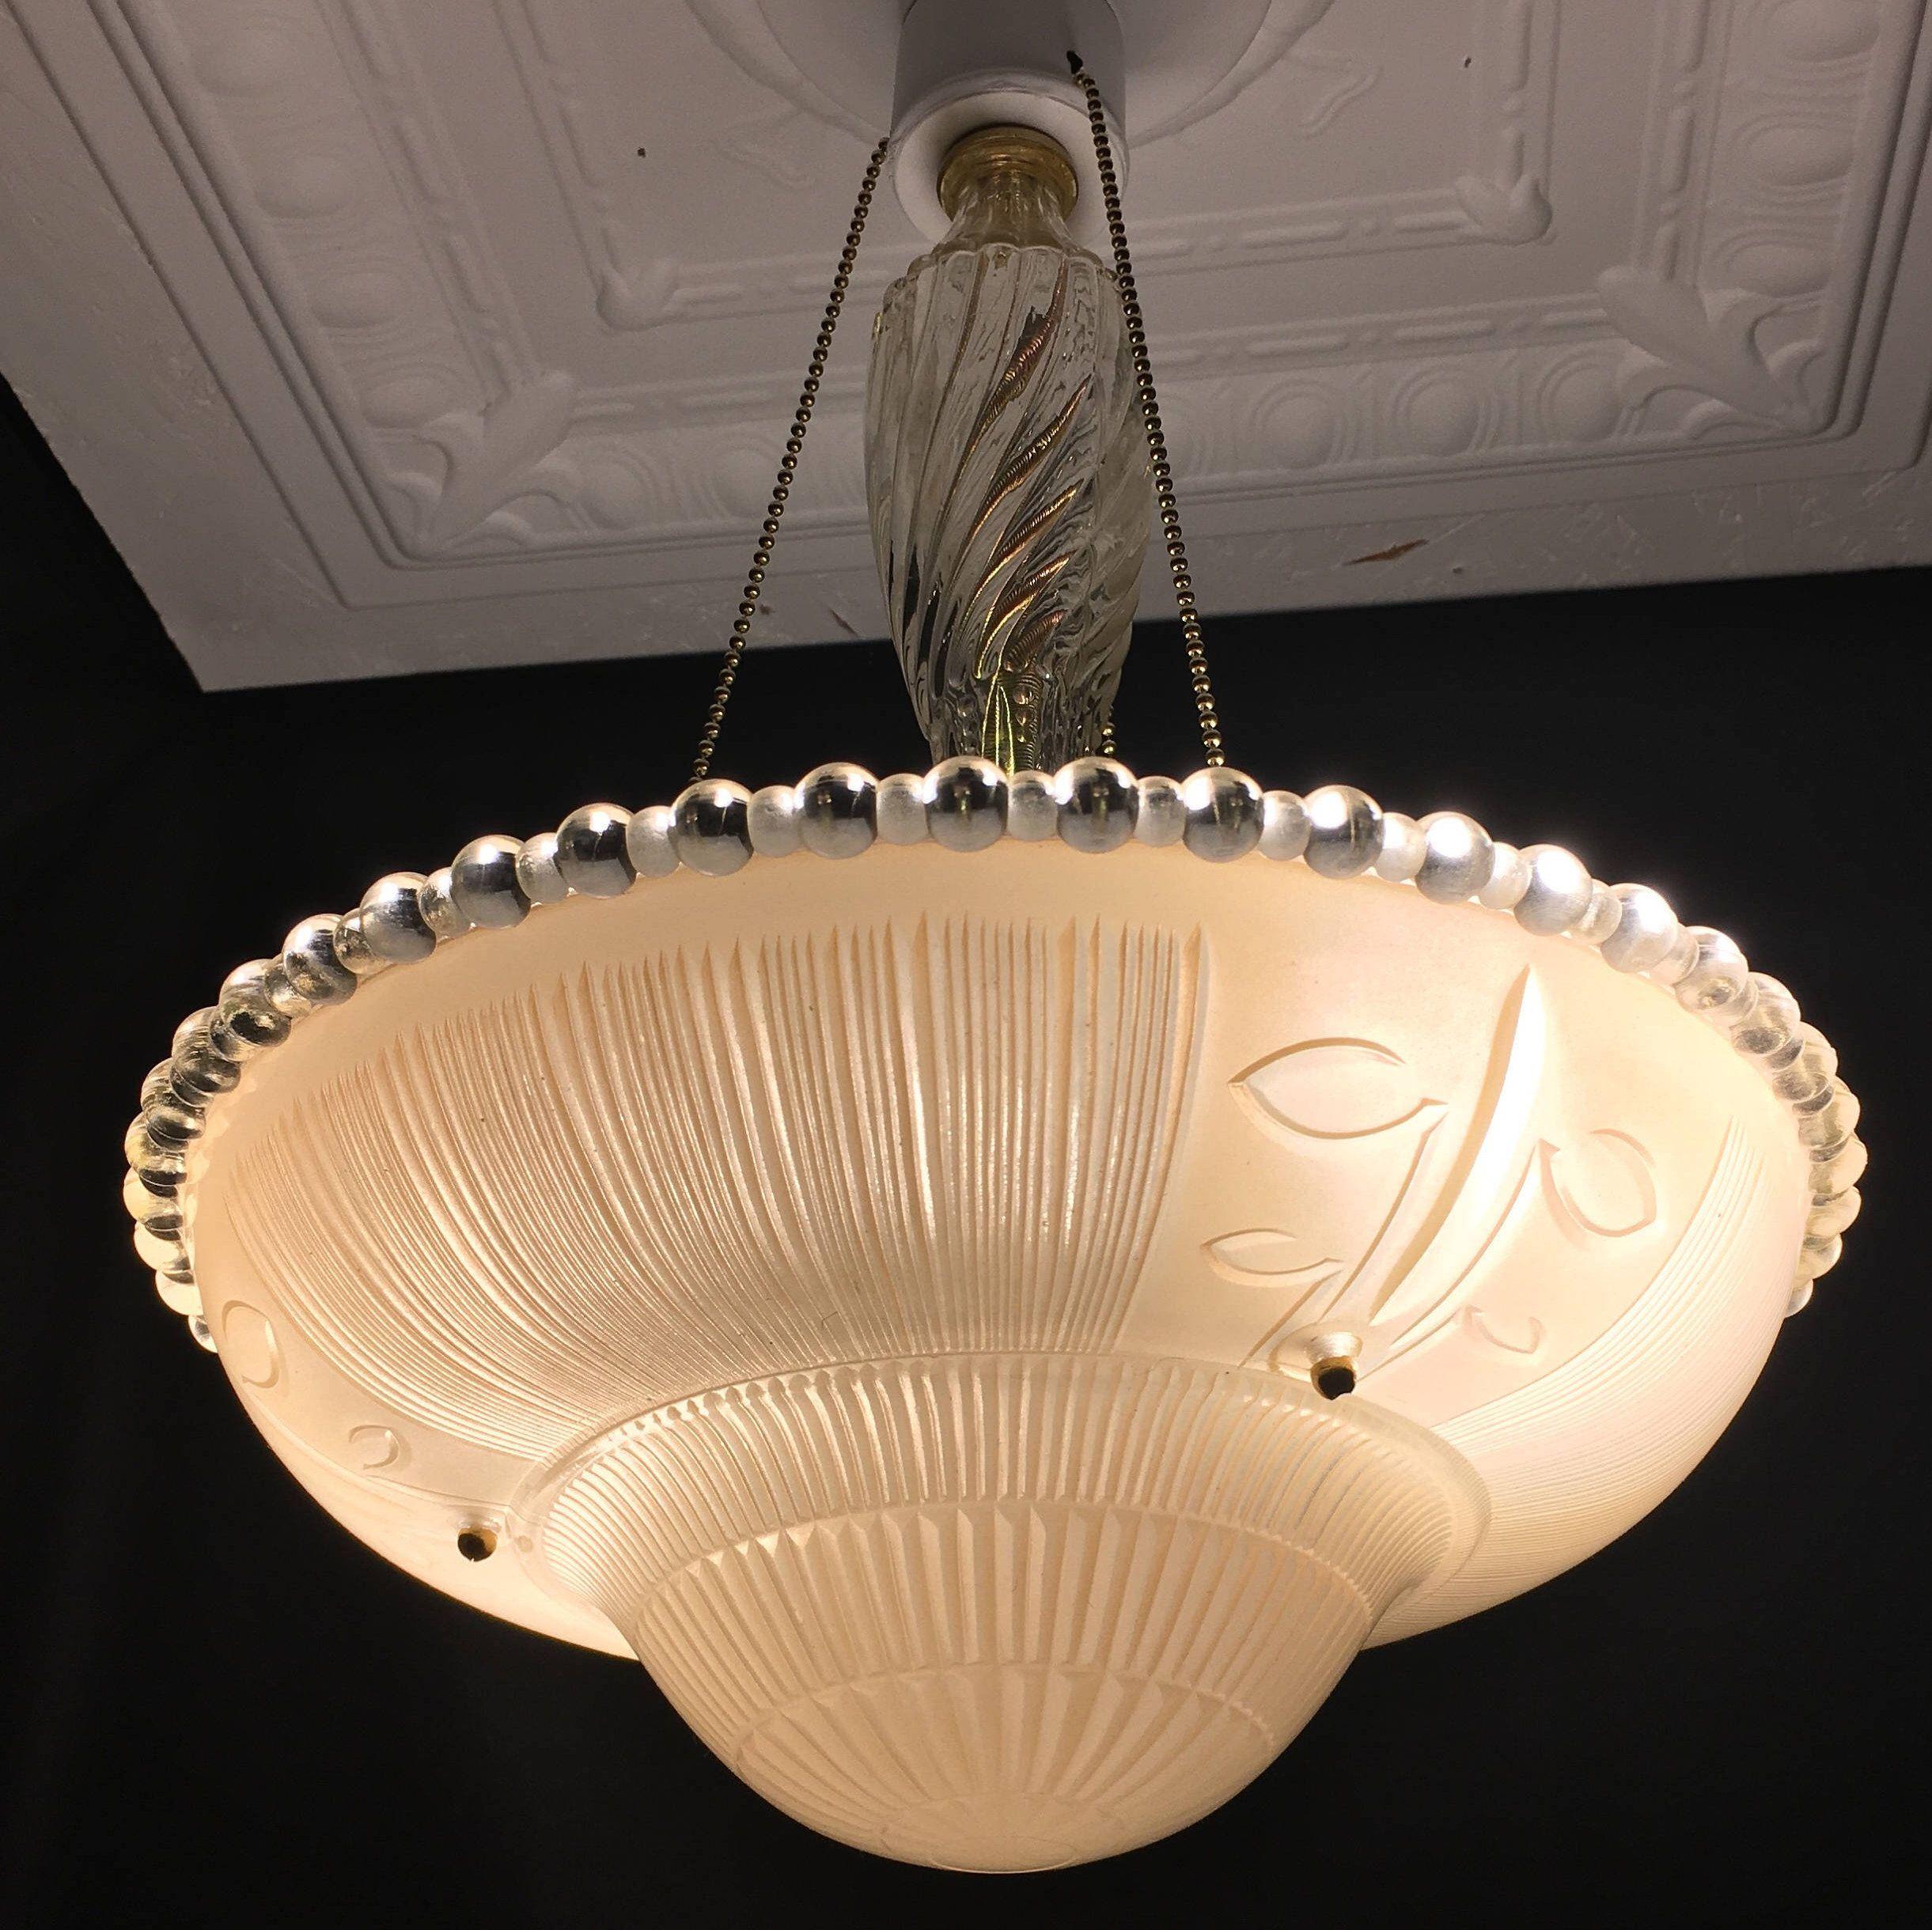 Vintage 3 Chain Peach Glass Art Deco Ceiling Light Fixture By Vintageclassicstyle On Ets Vintage Ceiling Lights Vintage Pendant Lighting Pendant Light Fixtures